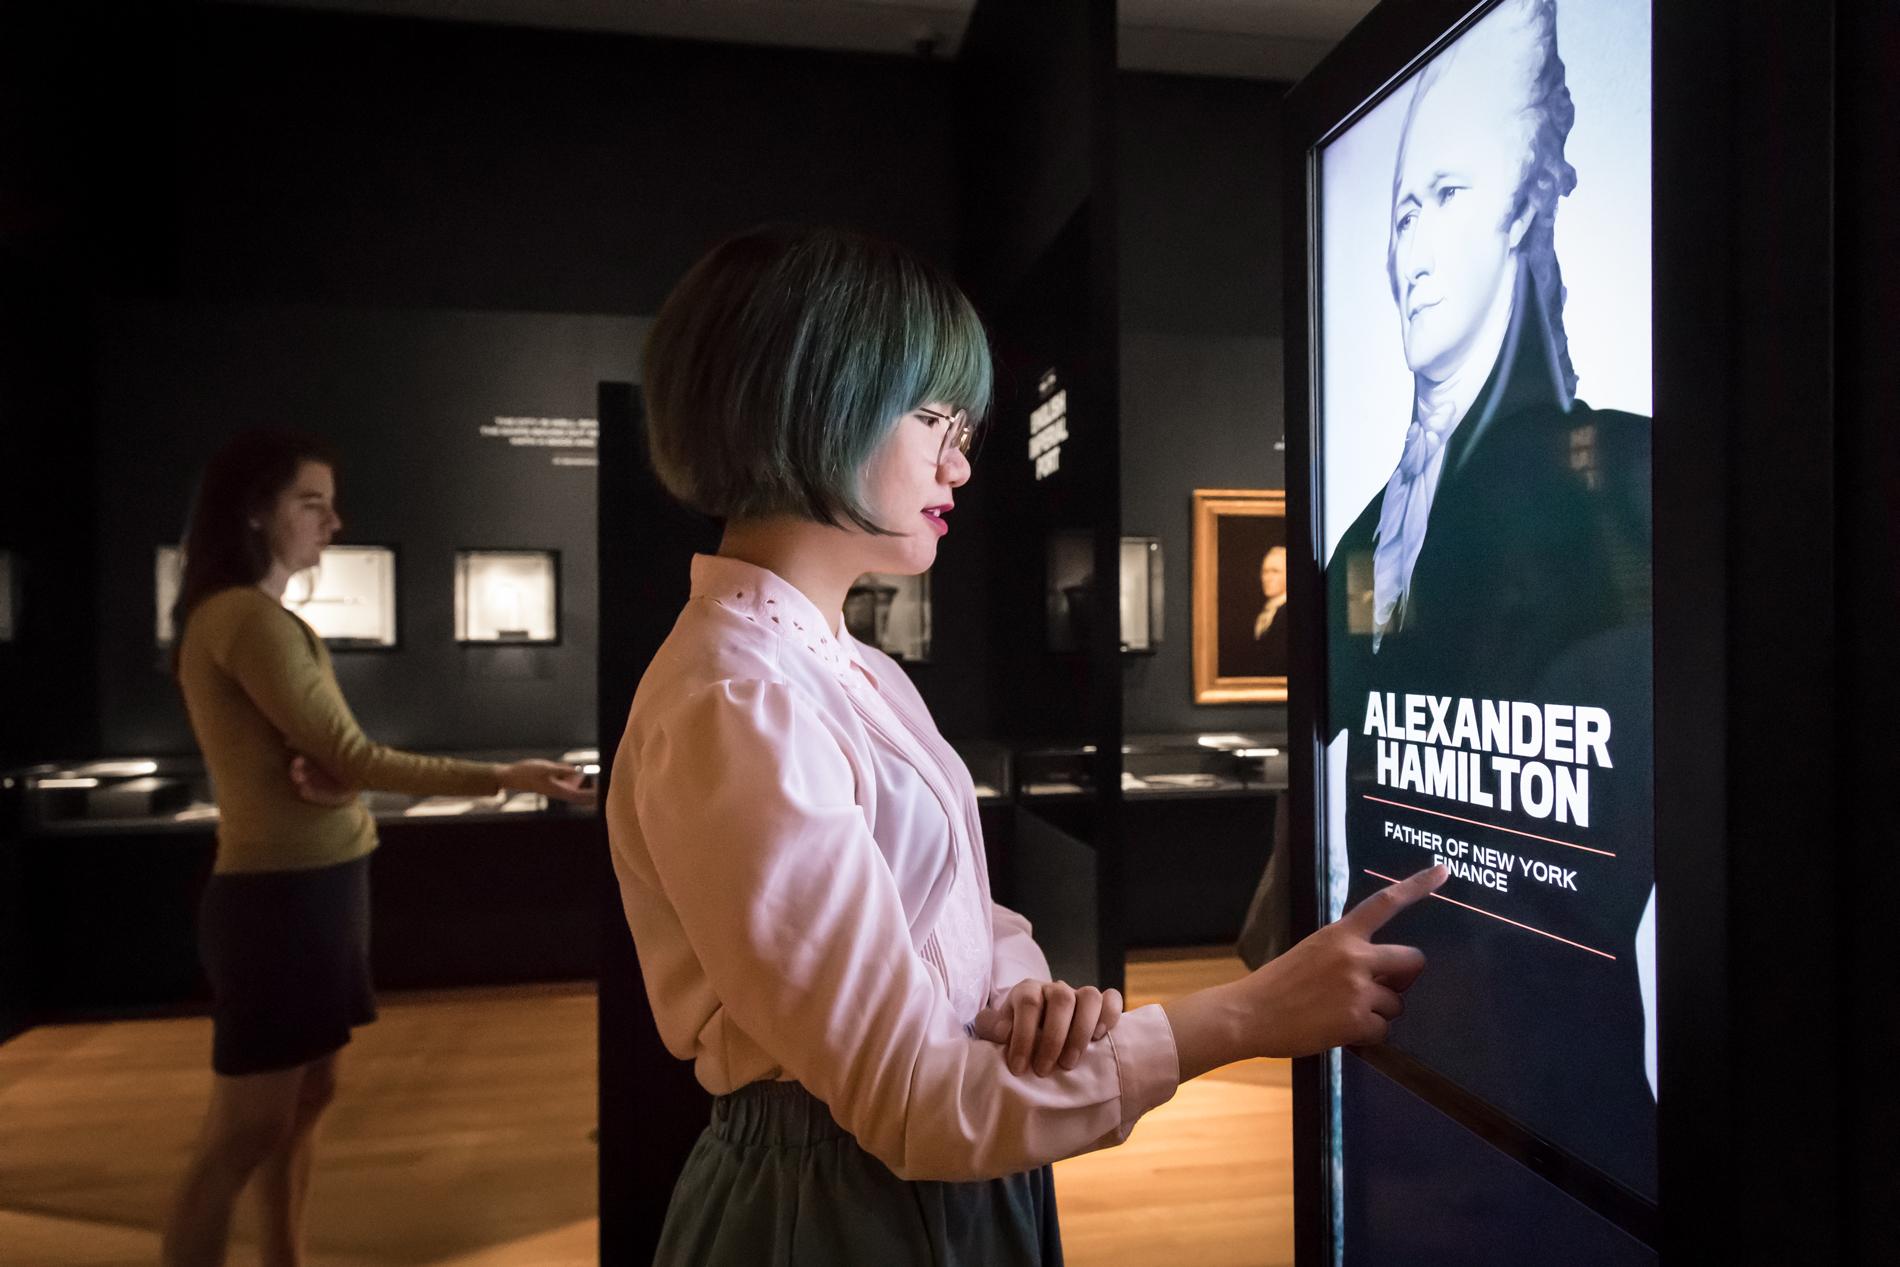 两名访客在展览空间中检查互动功能